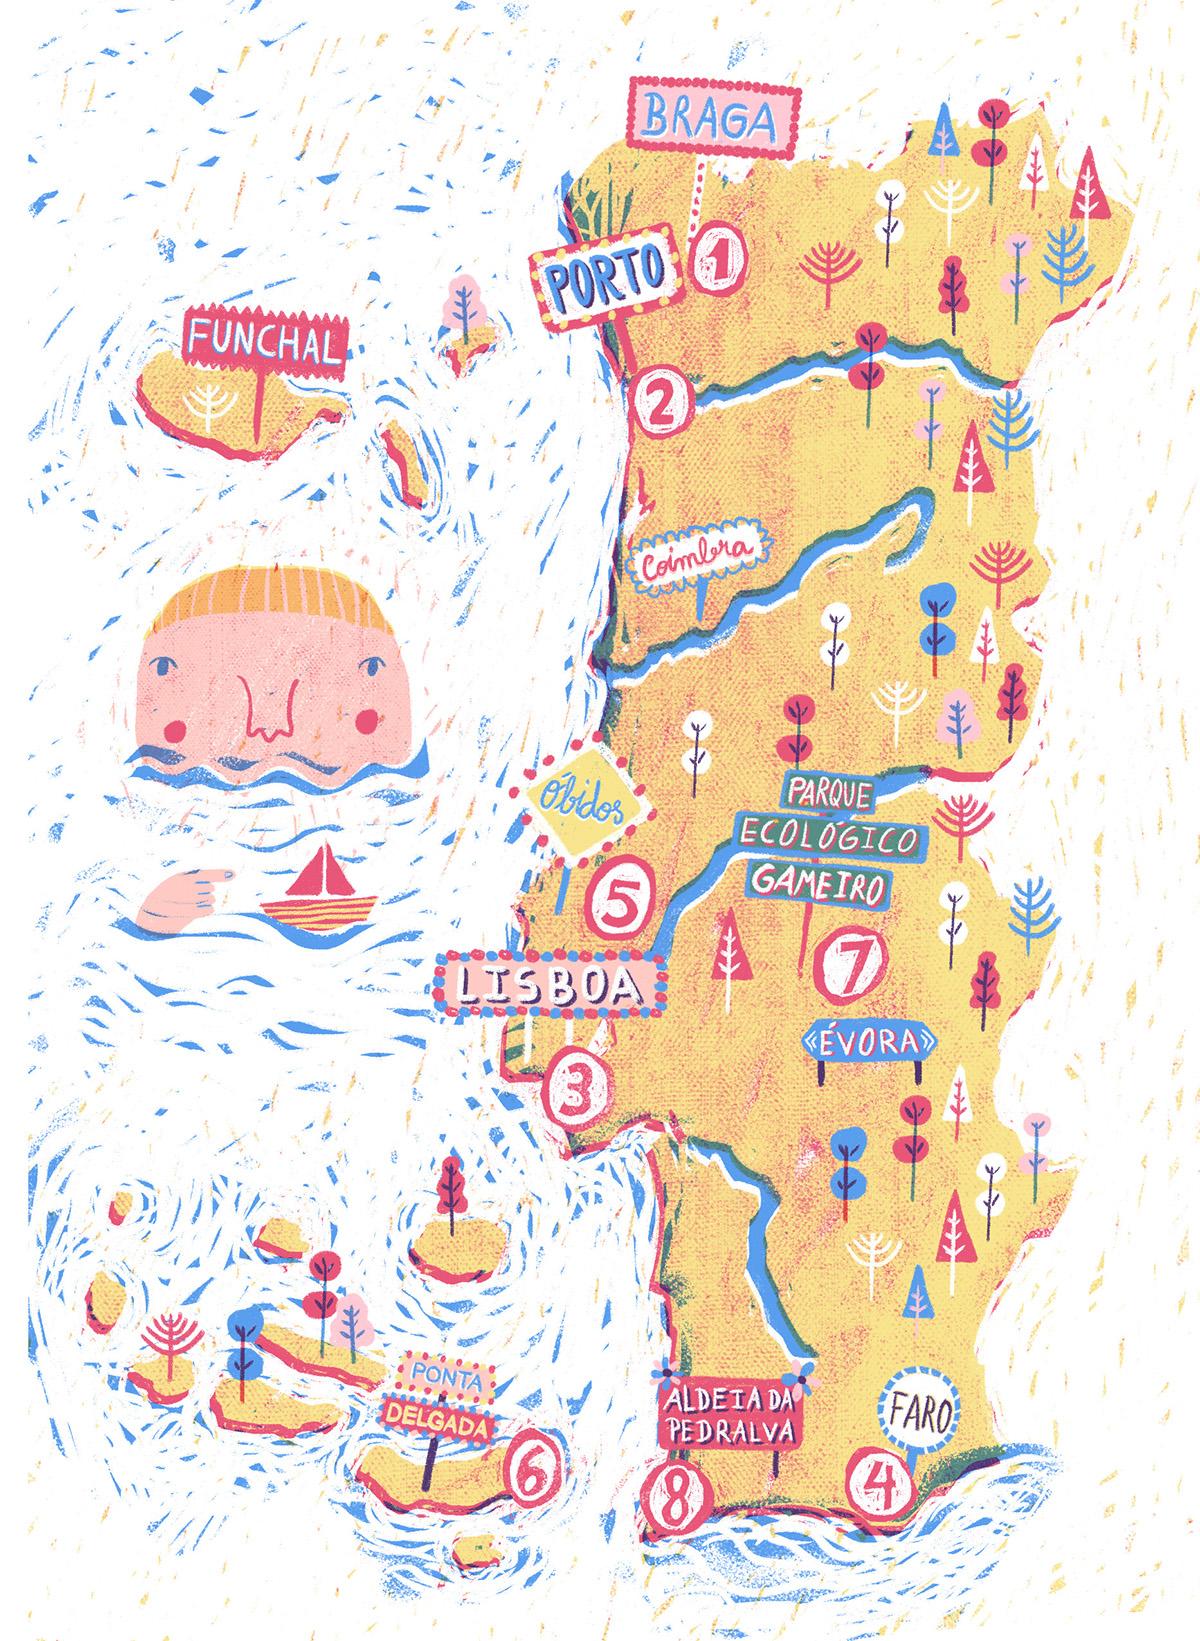 gerador #6 map Portugal